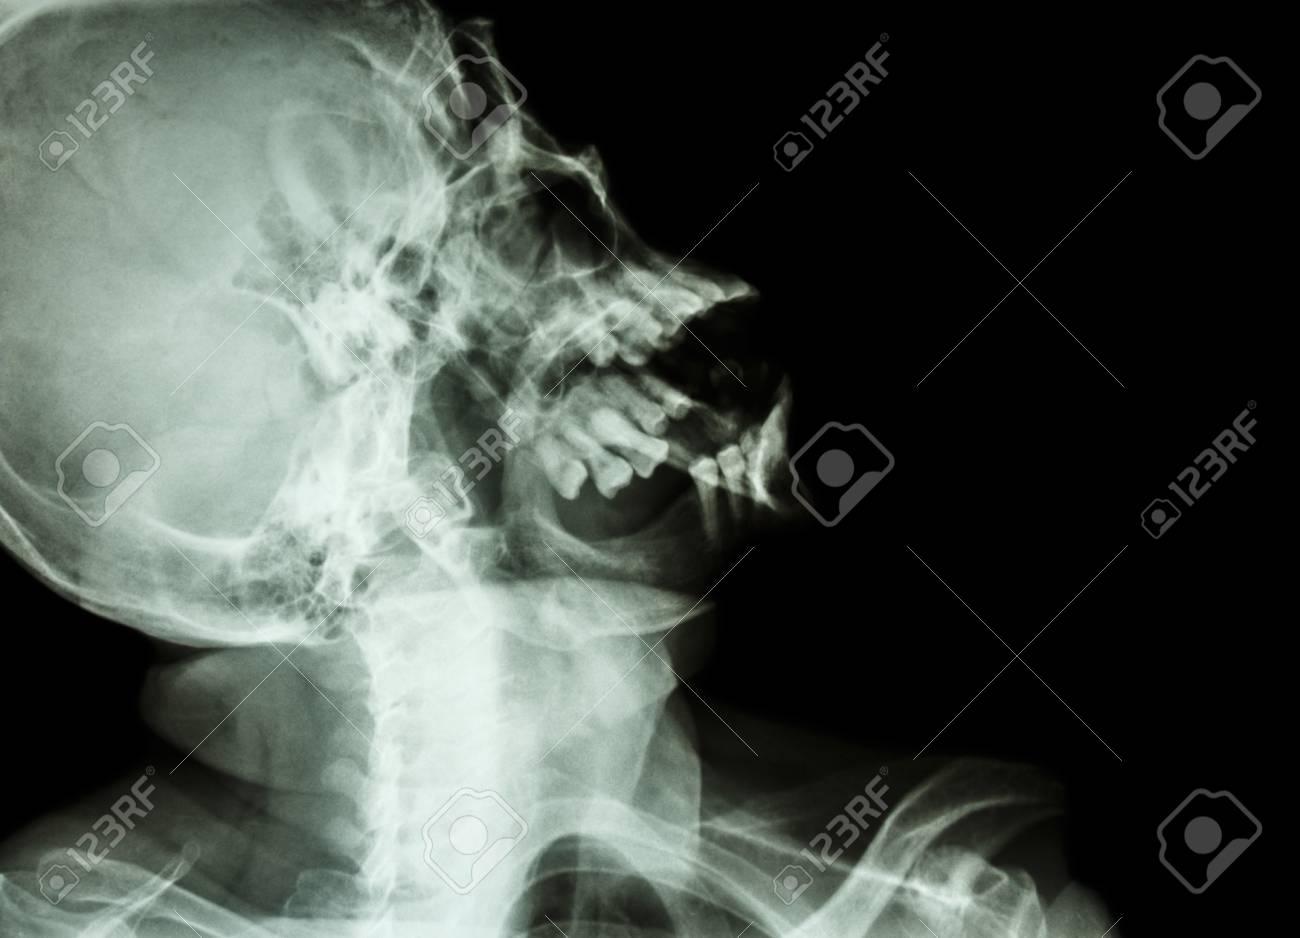 Radiografía Radiografía Lateral De Cráneo: Mostrar Cráneo Humano ...